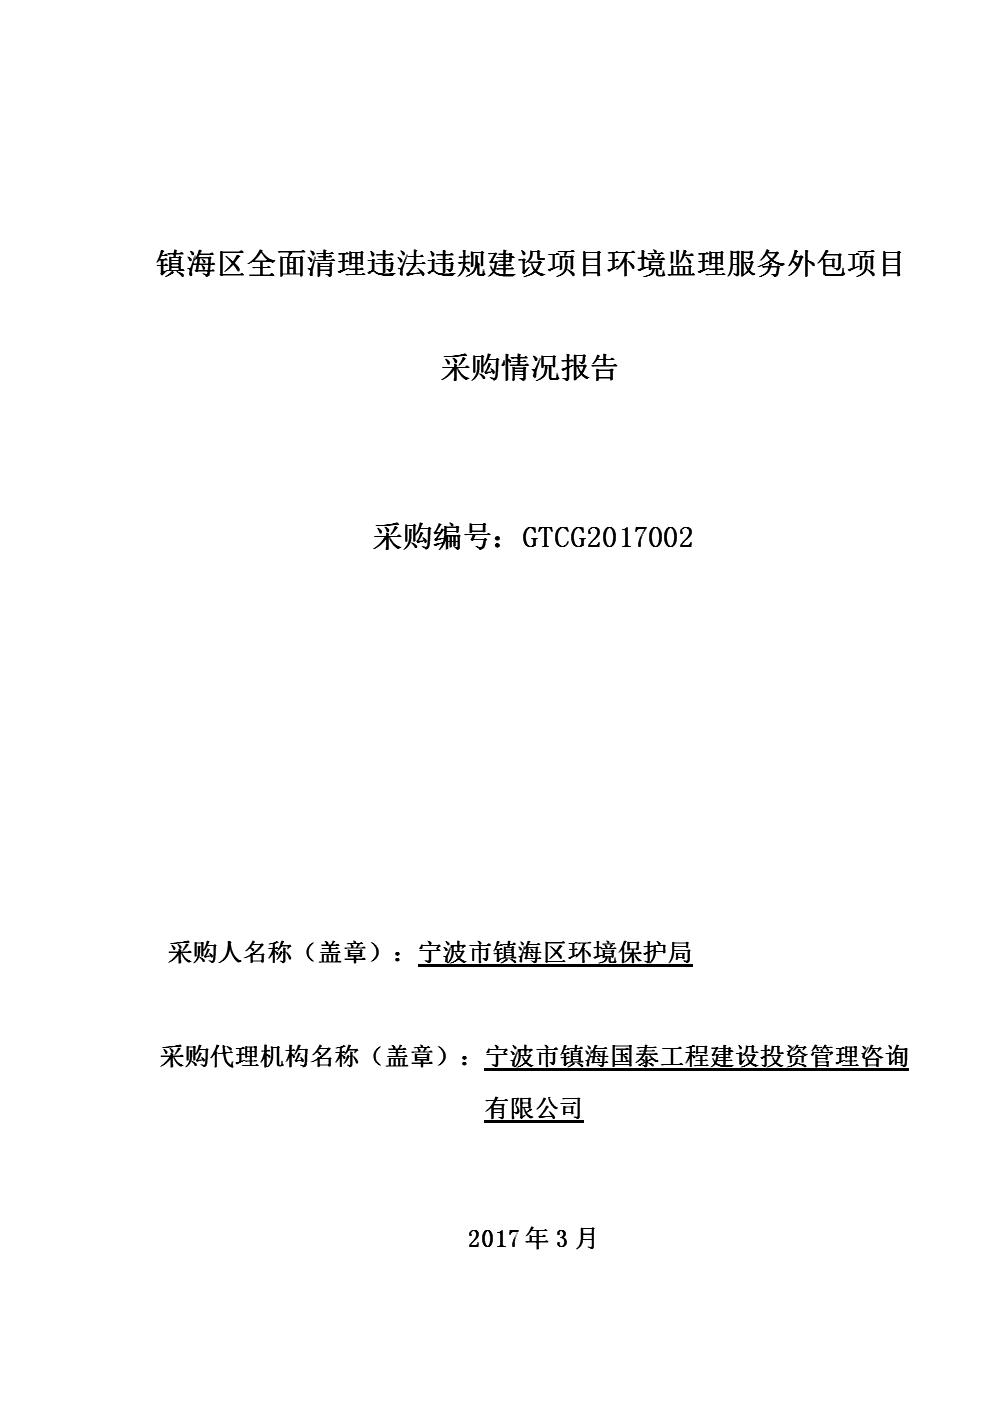 镇海区全面清理违法违规建设项目环境监理服务外包项目.doc